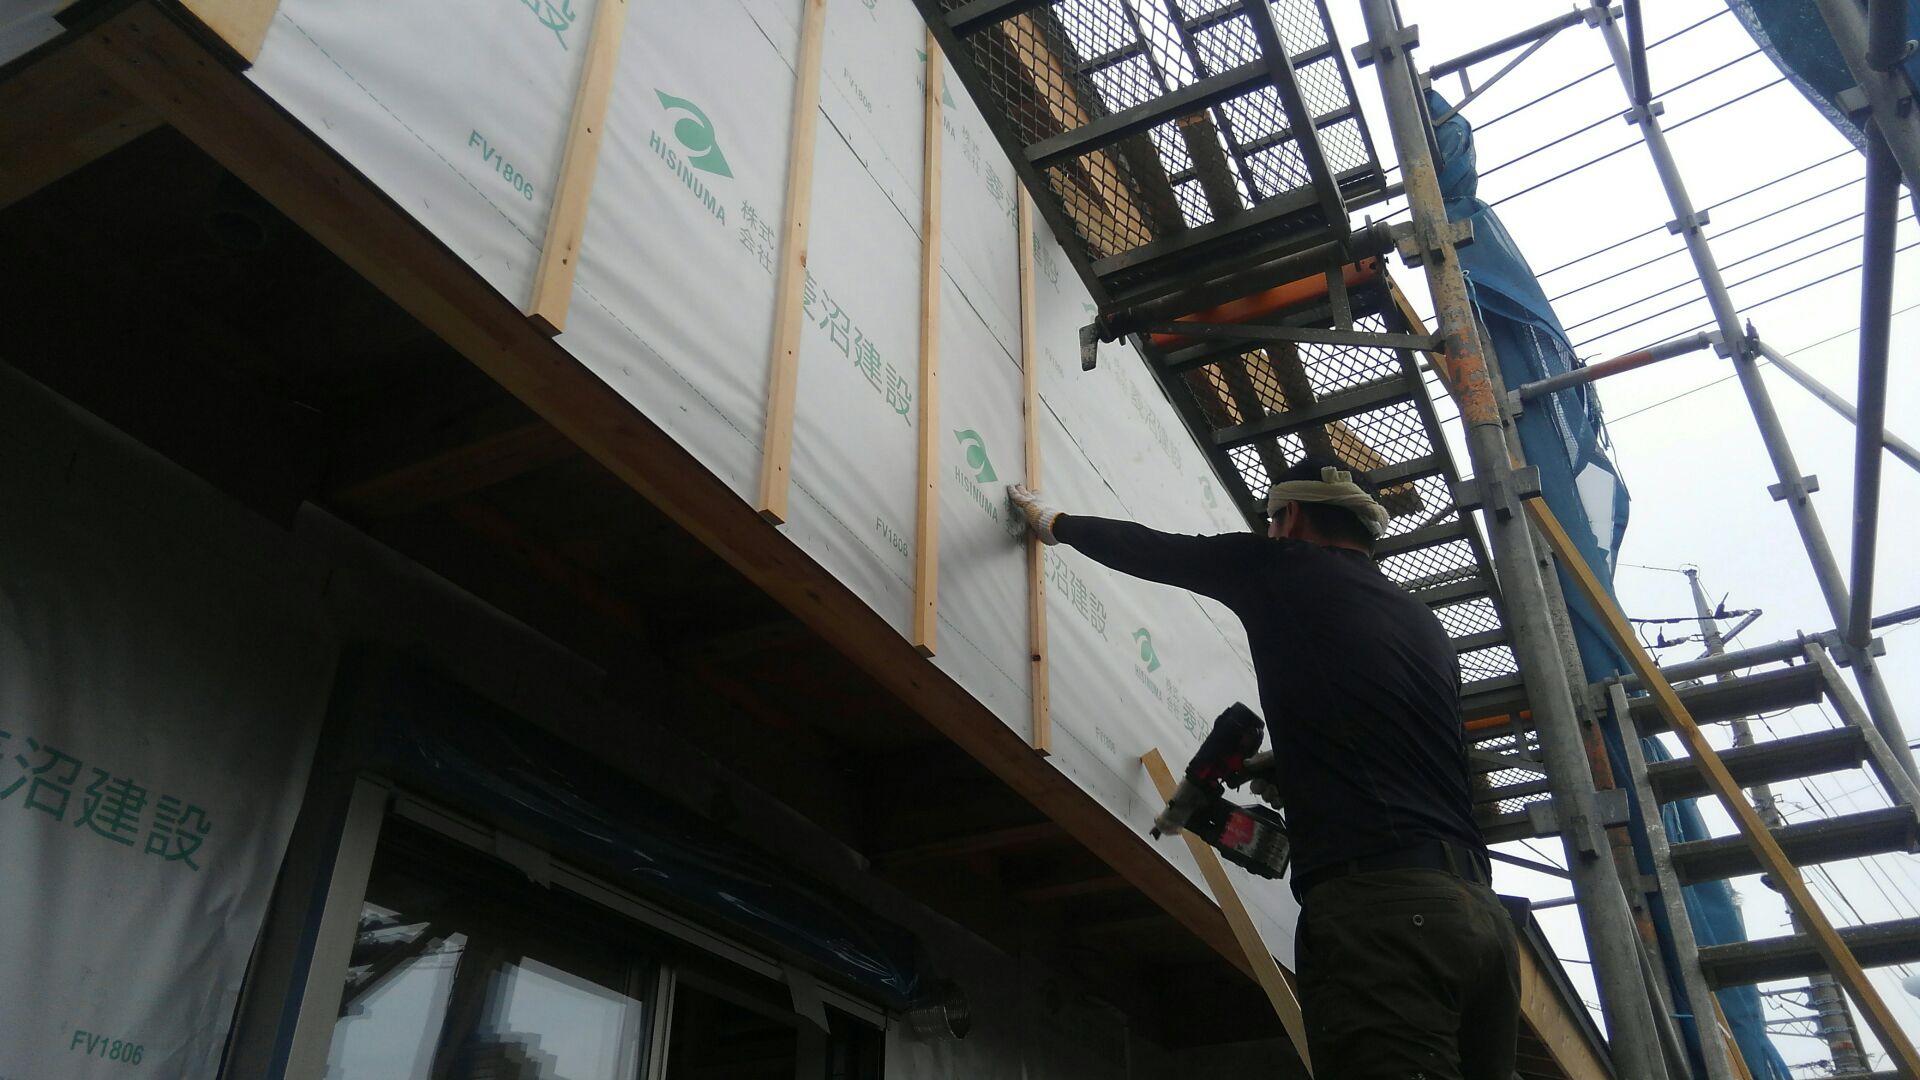 外部ではサイディング屋さんが通気胴縁の施工を始めました。通気胴縁は木裏を表に施工。基本中の基本です。